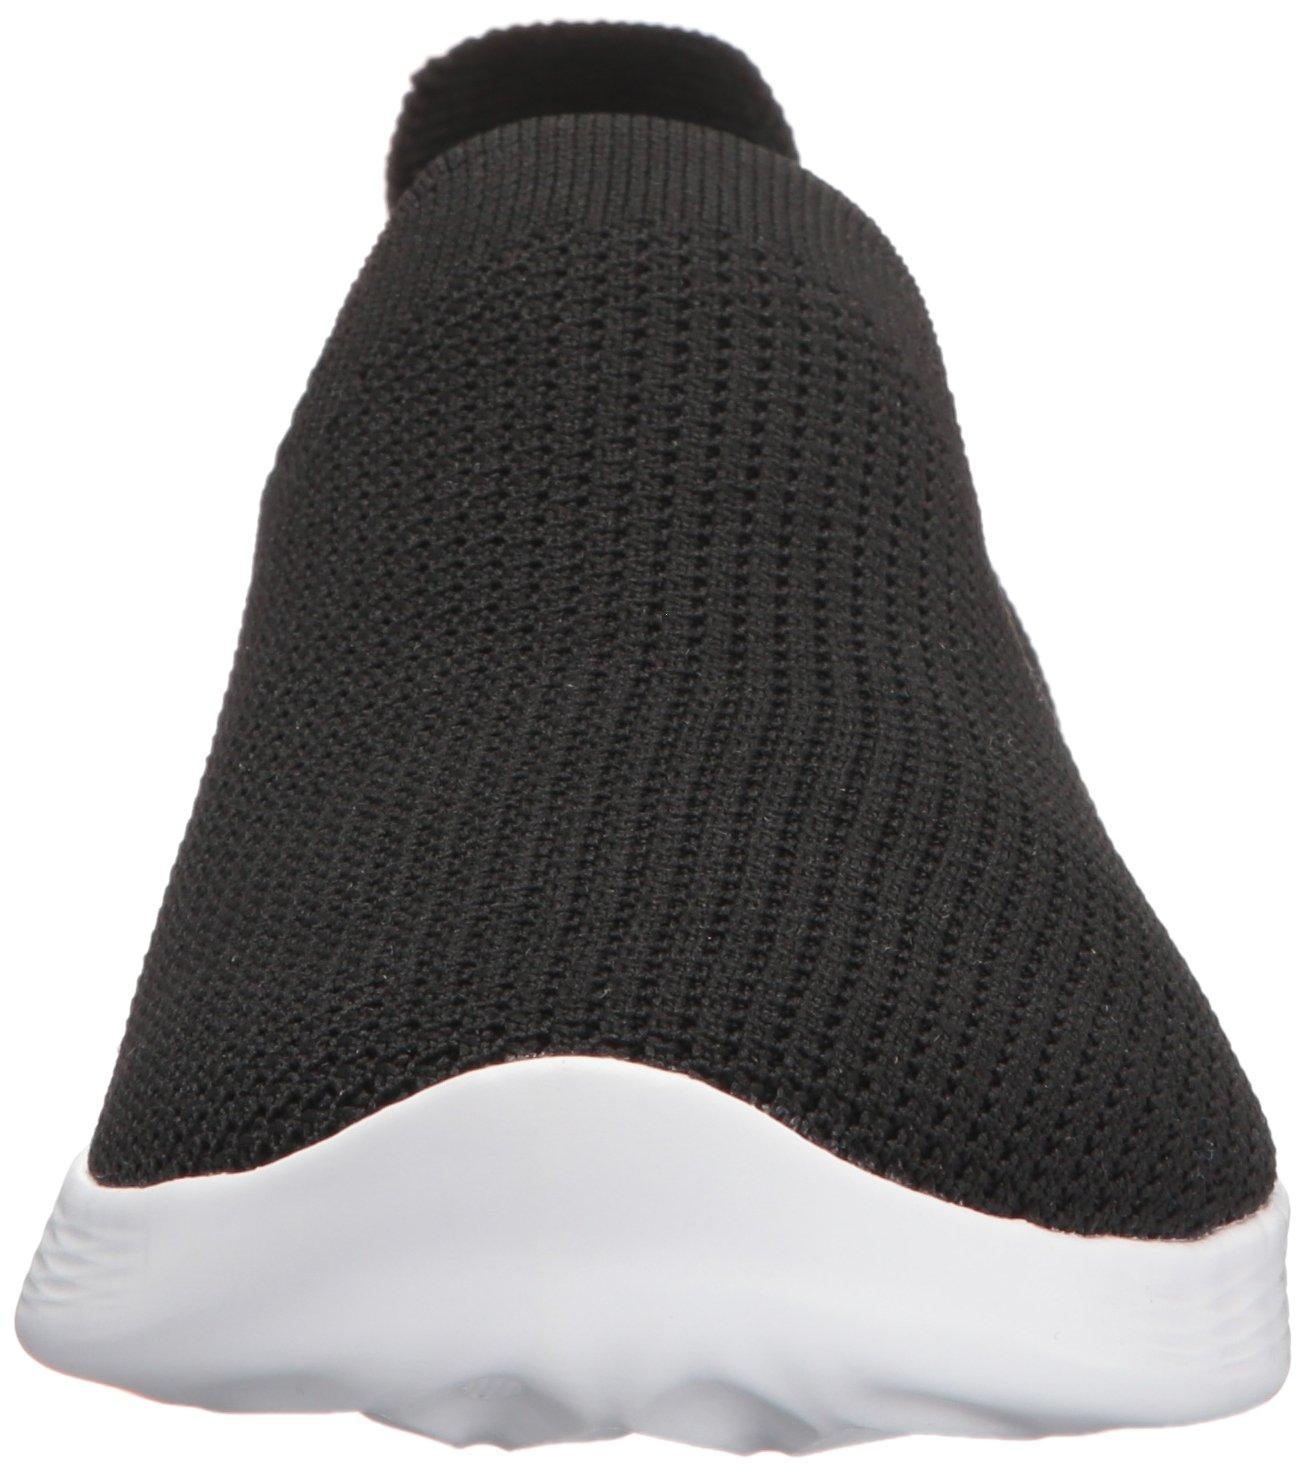 Skechers Damen Damen Skechers You Define Zehentrenner, Schwarz (schwarz/Weiß Bkw) b6c10d